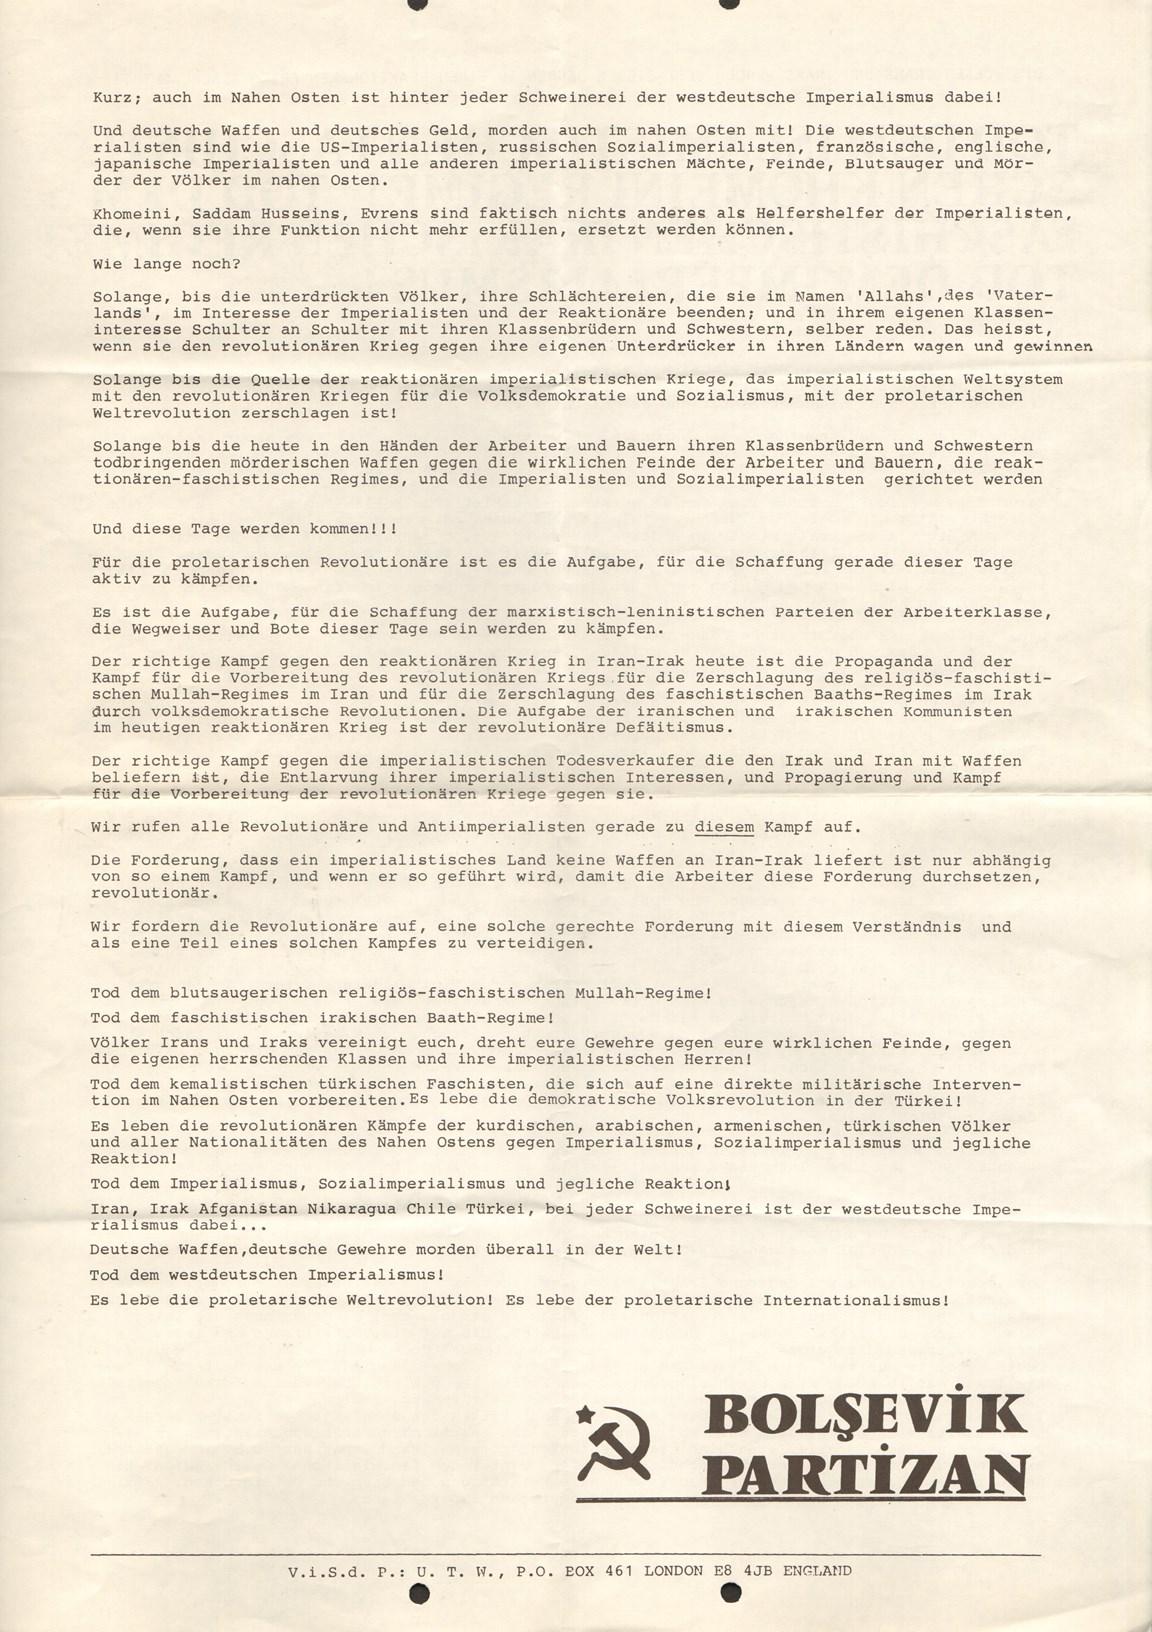 Tuerkei_Bolsevik_Partizan_Flugschriften_1987_14_02